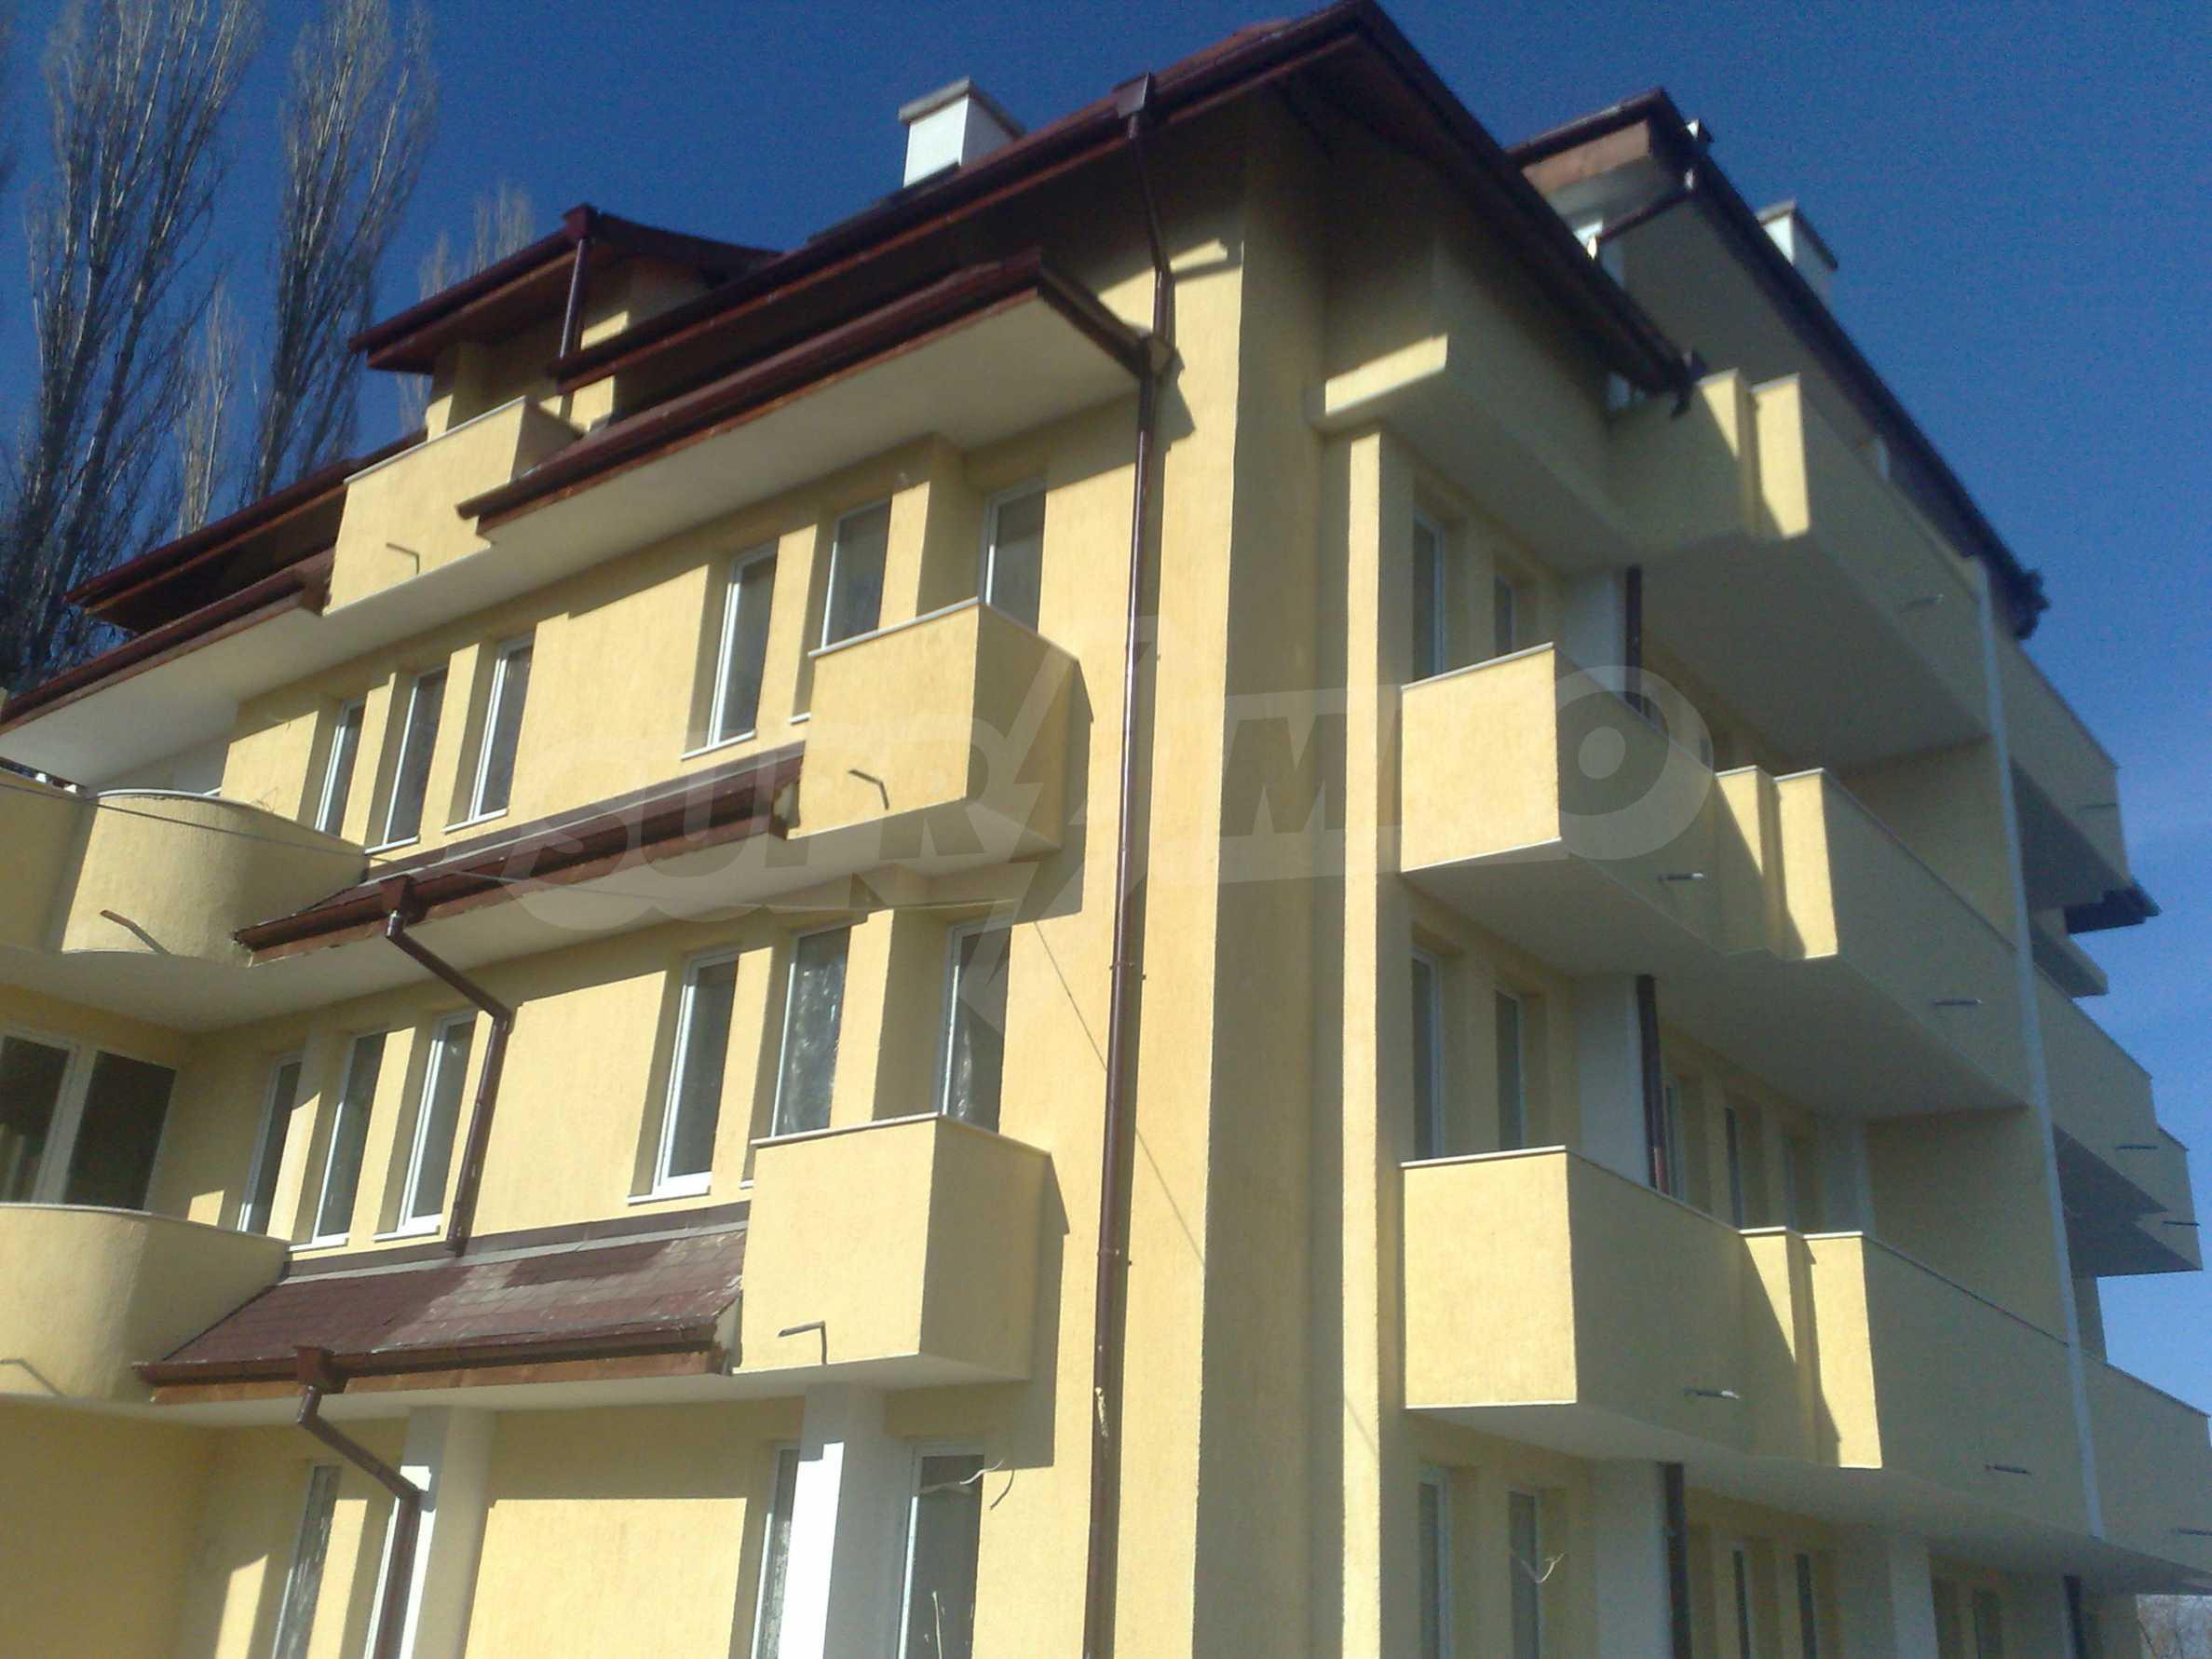 Двустаен апартамент с тераси в нова сграда до парка в центъра на Банско